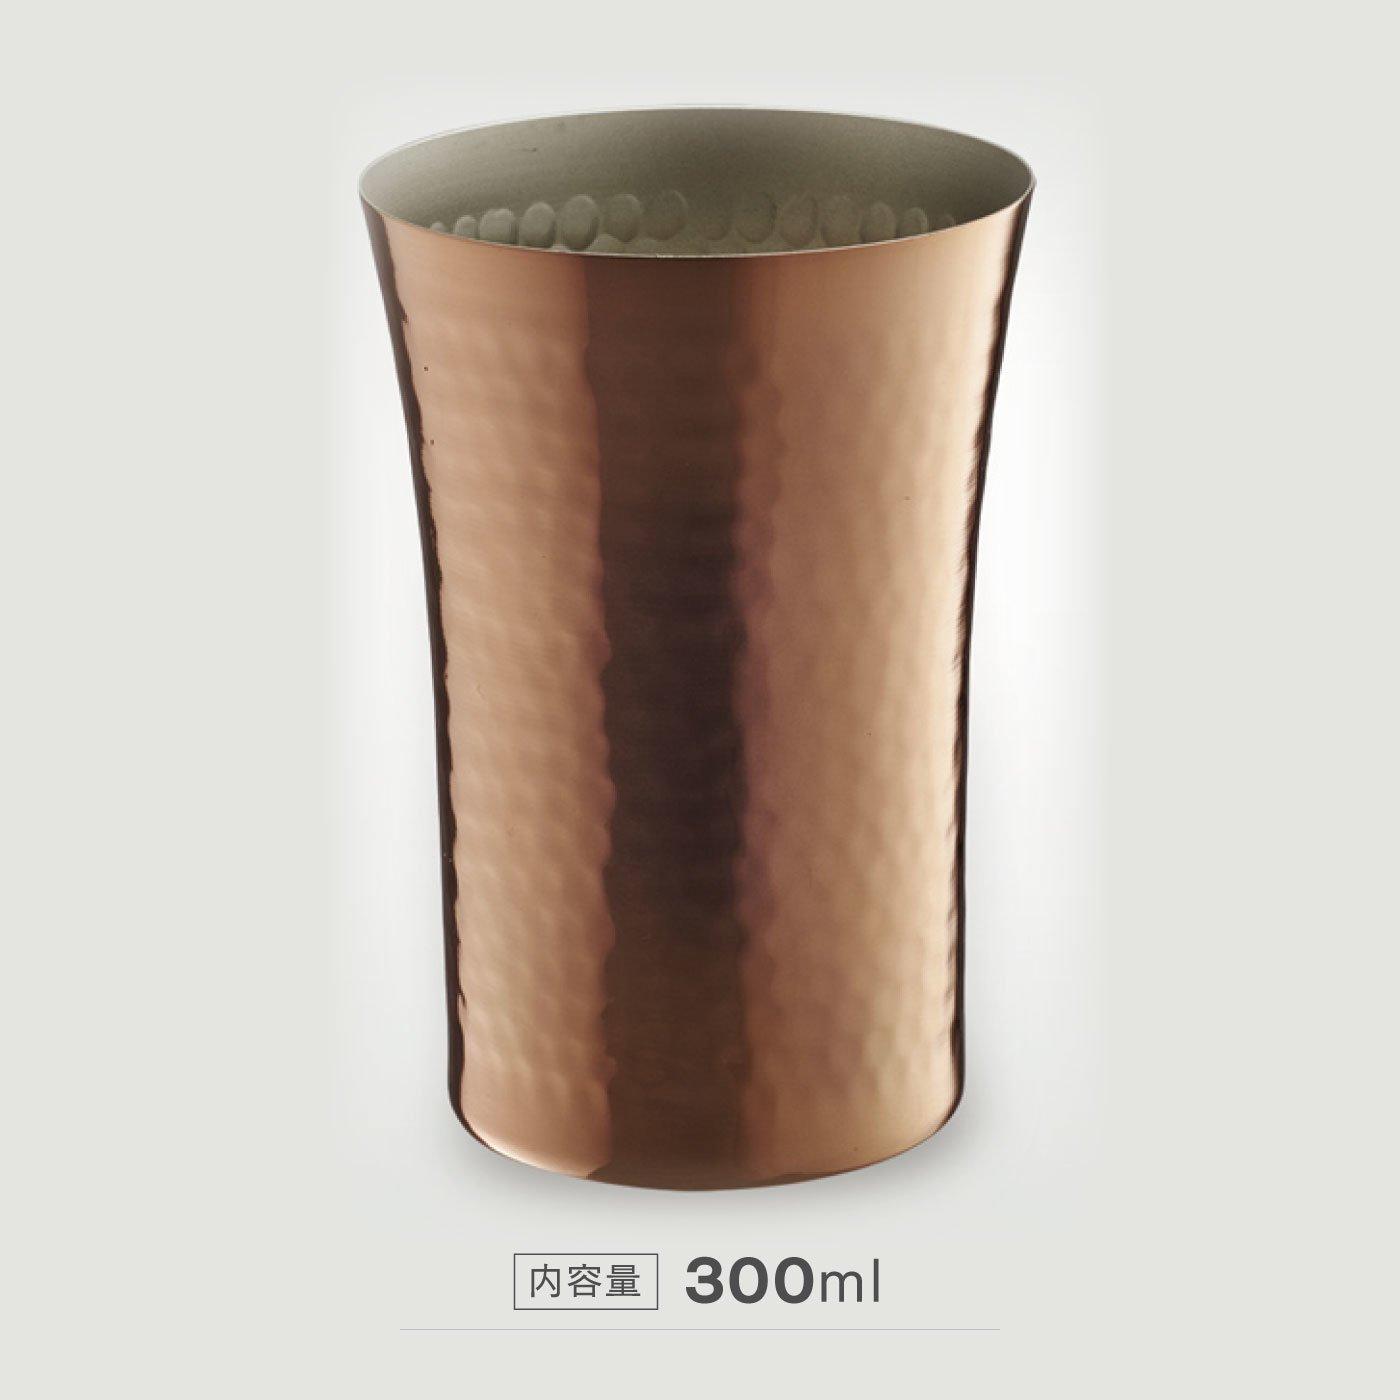 サーバーのようなクリーミーな泡立ち 燕人の匠 銅製ビアタンブラー300ml